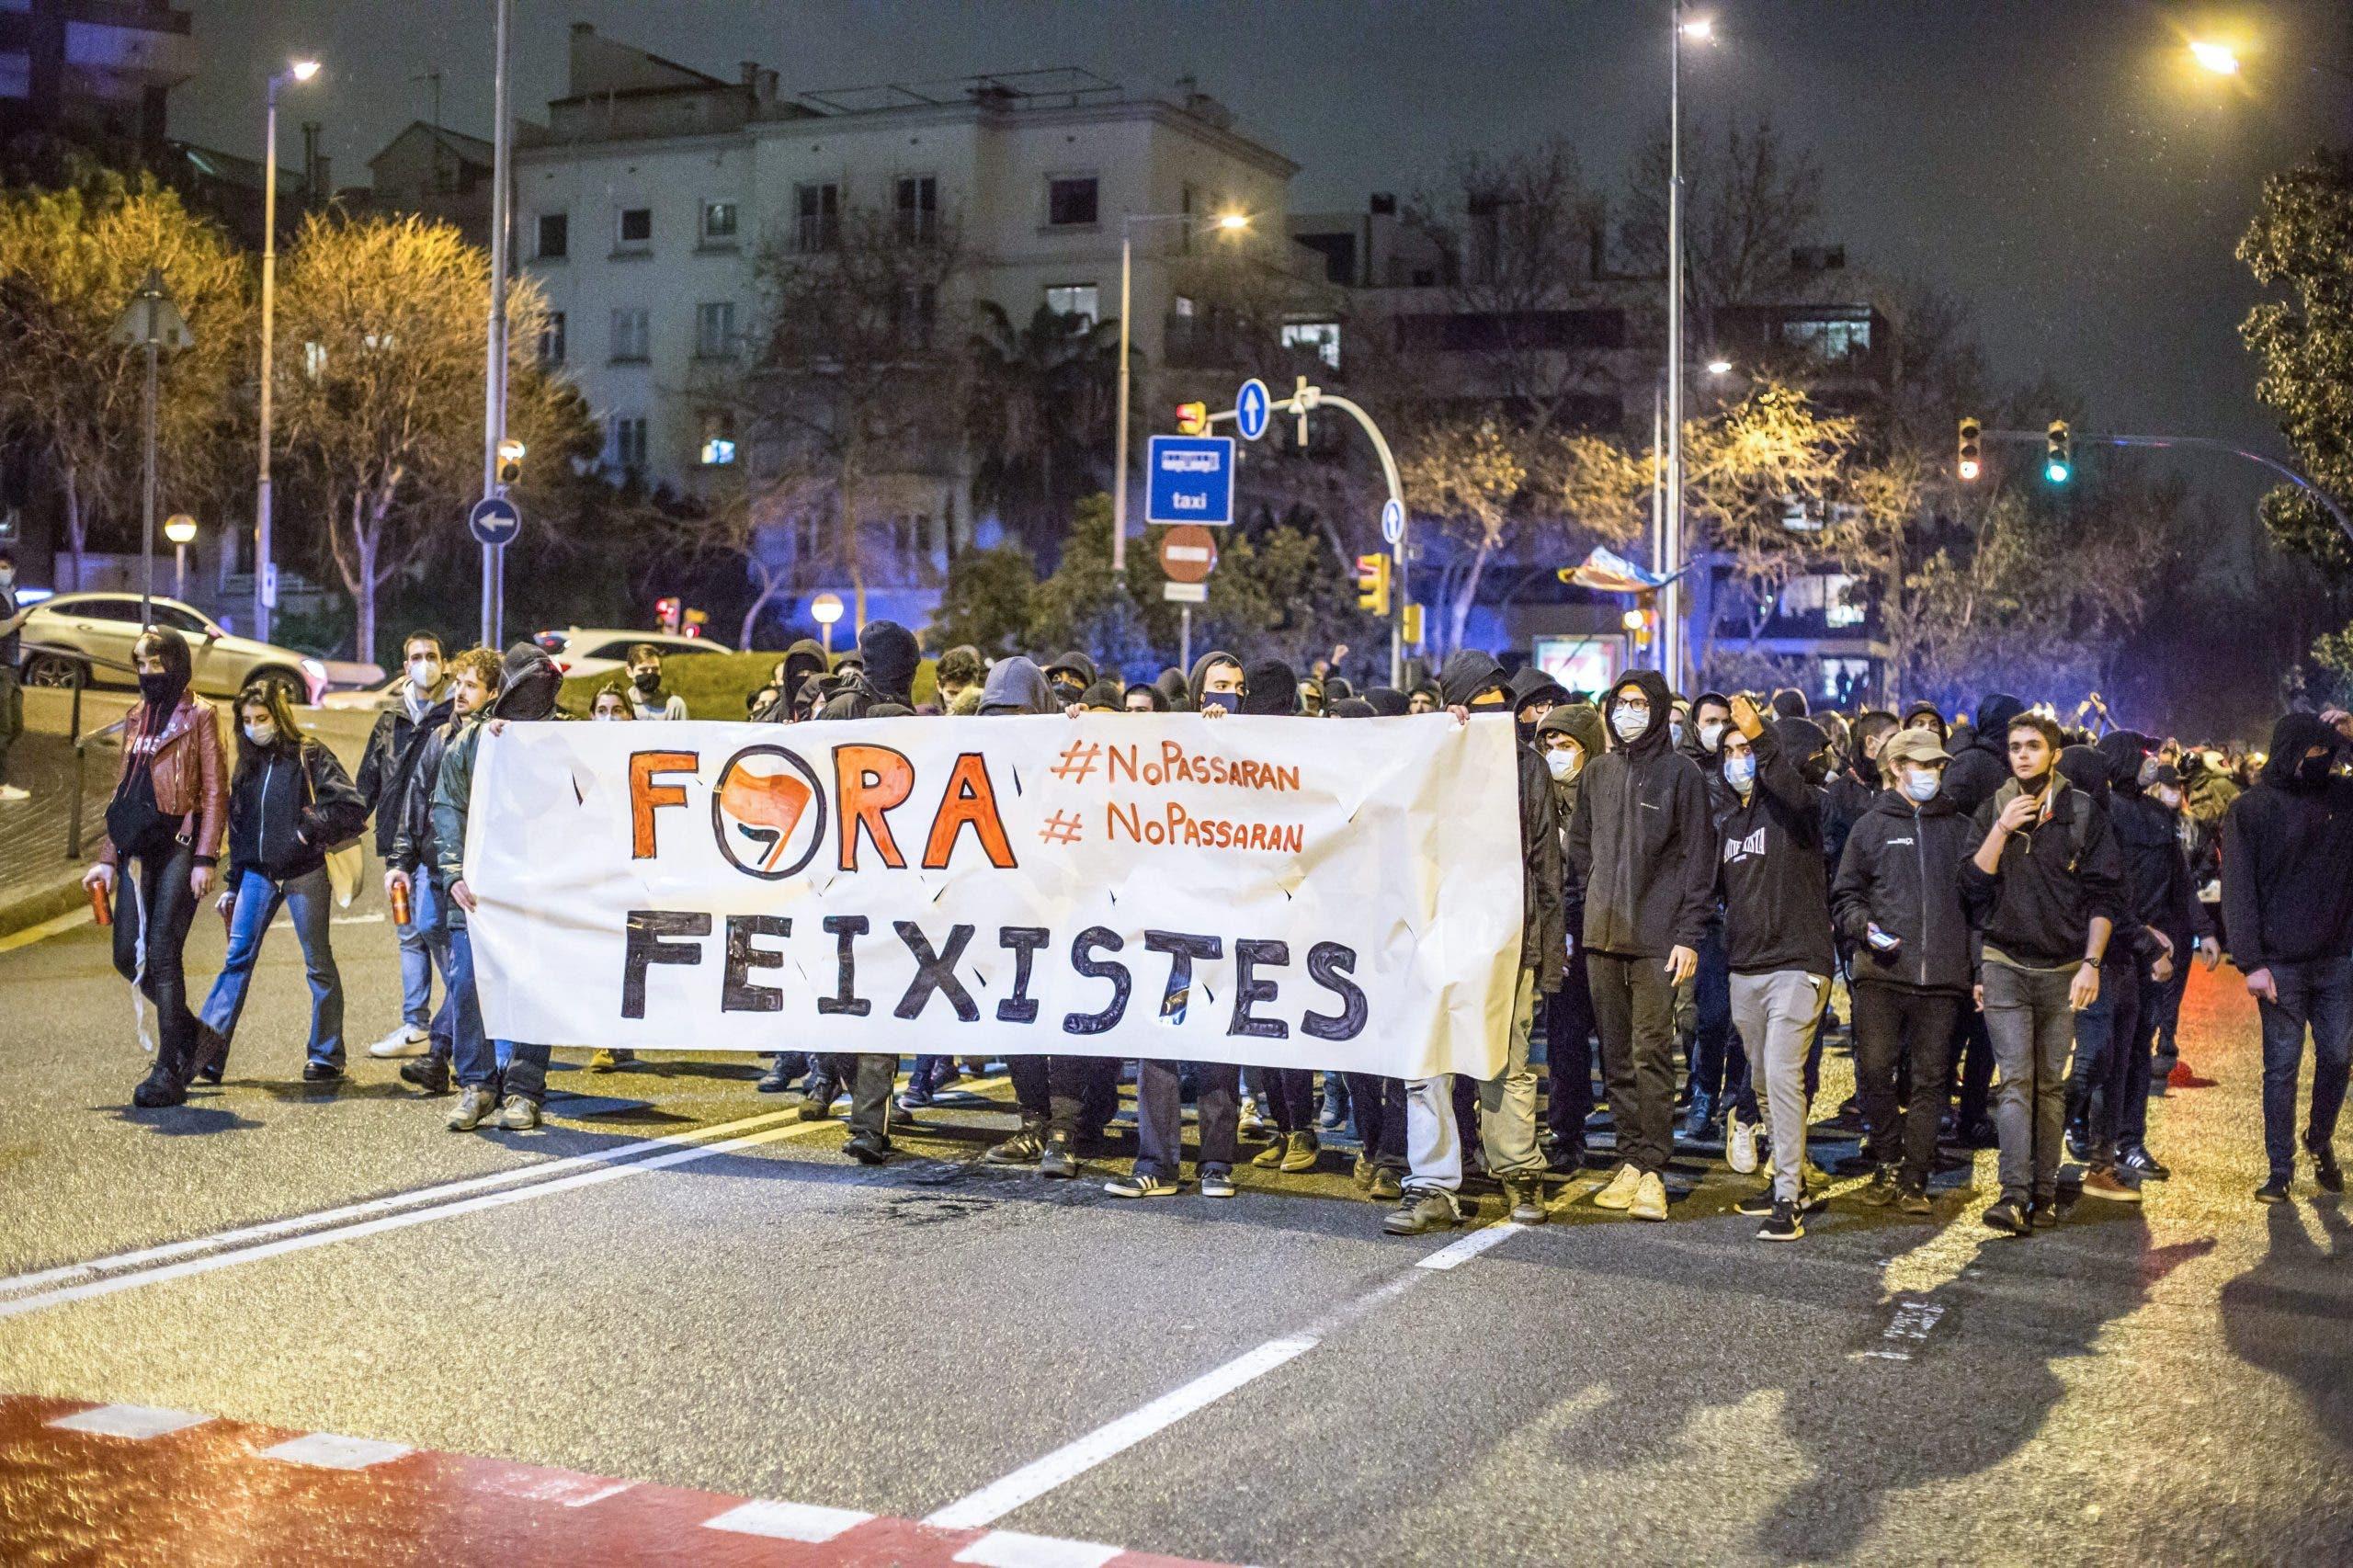 Anti-fascist march (Photo by Cordon Press)